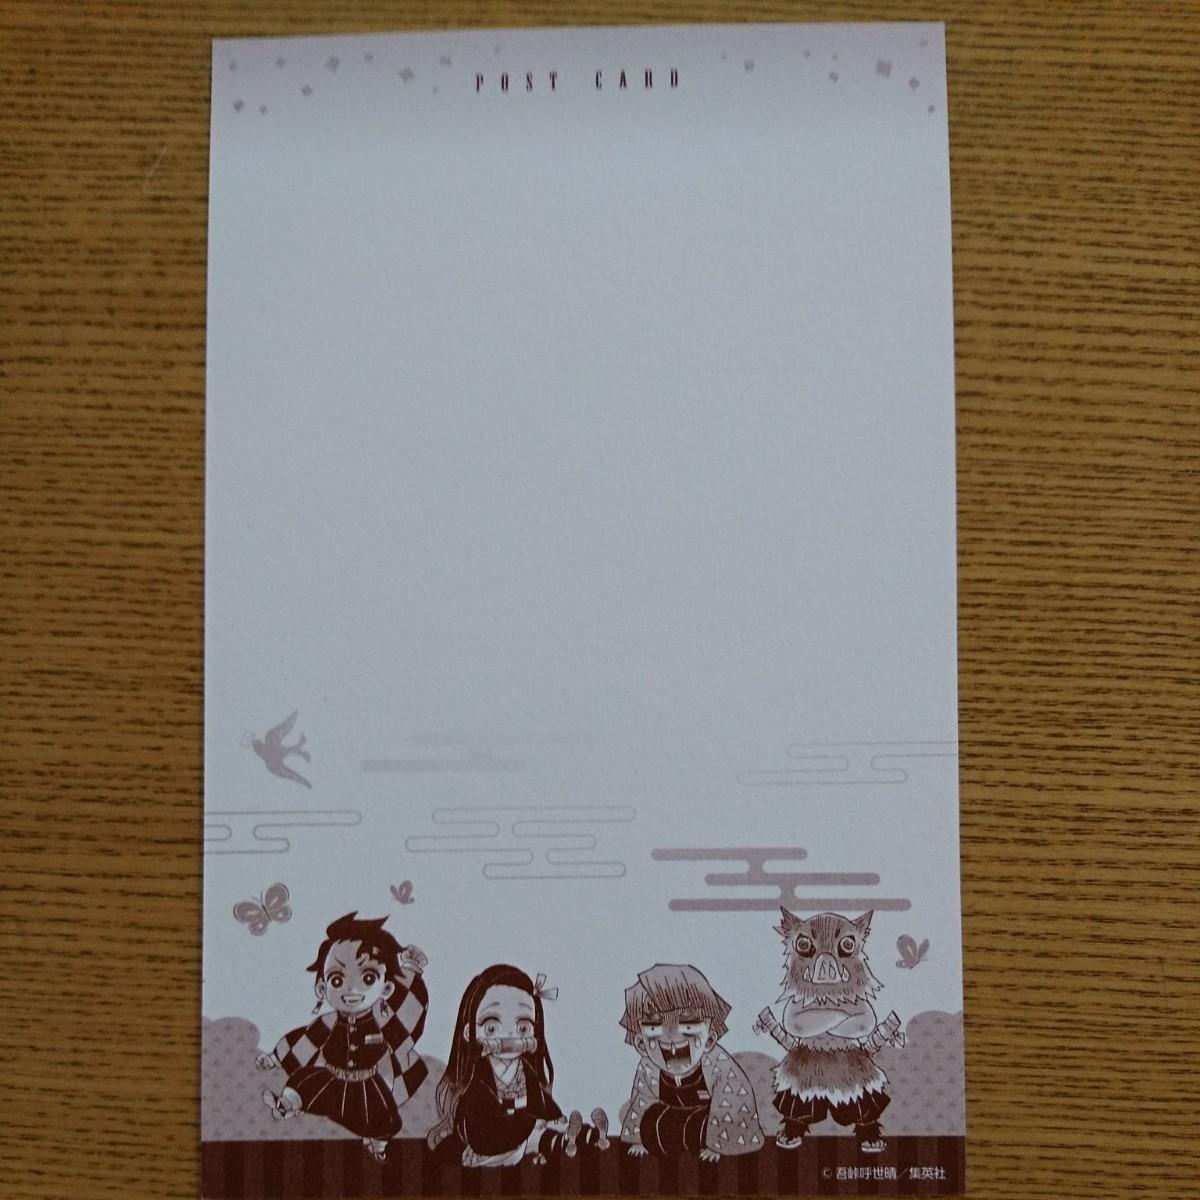 鬼滅の刃 20巻 特装版付録 ポストカード  宇髄天元